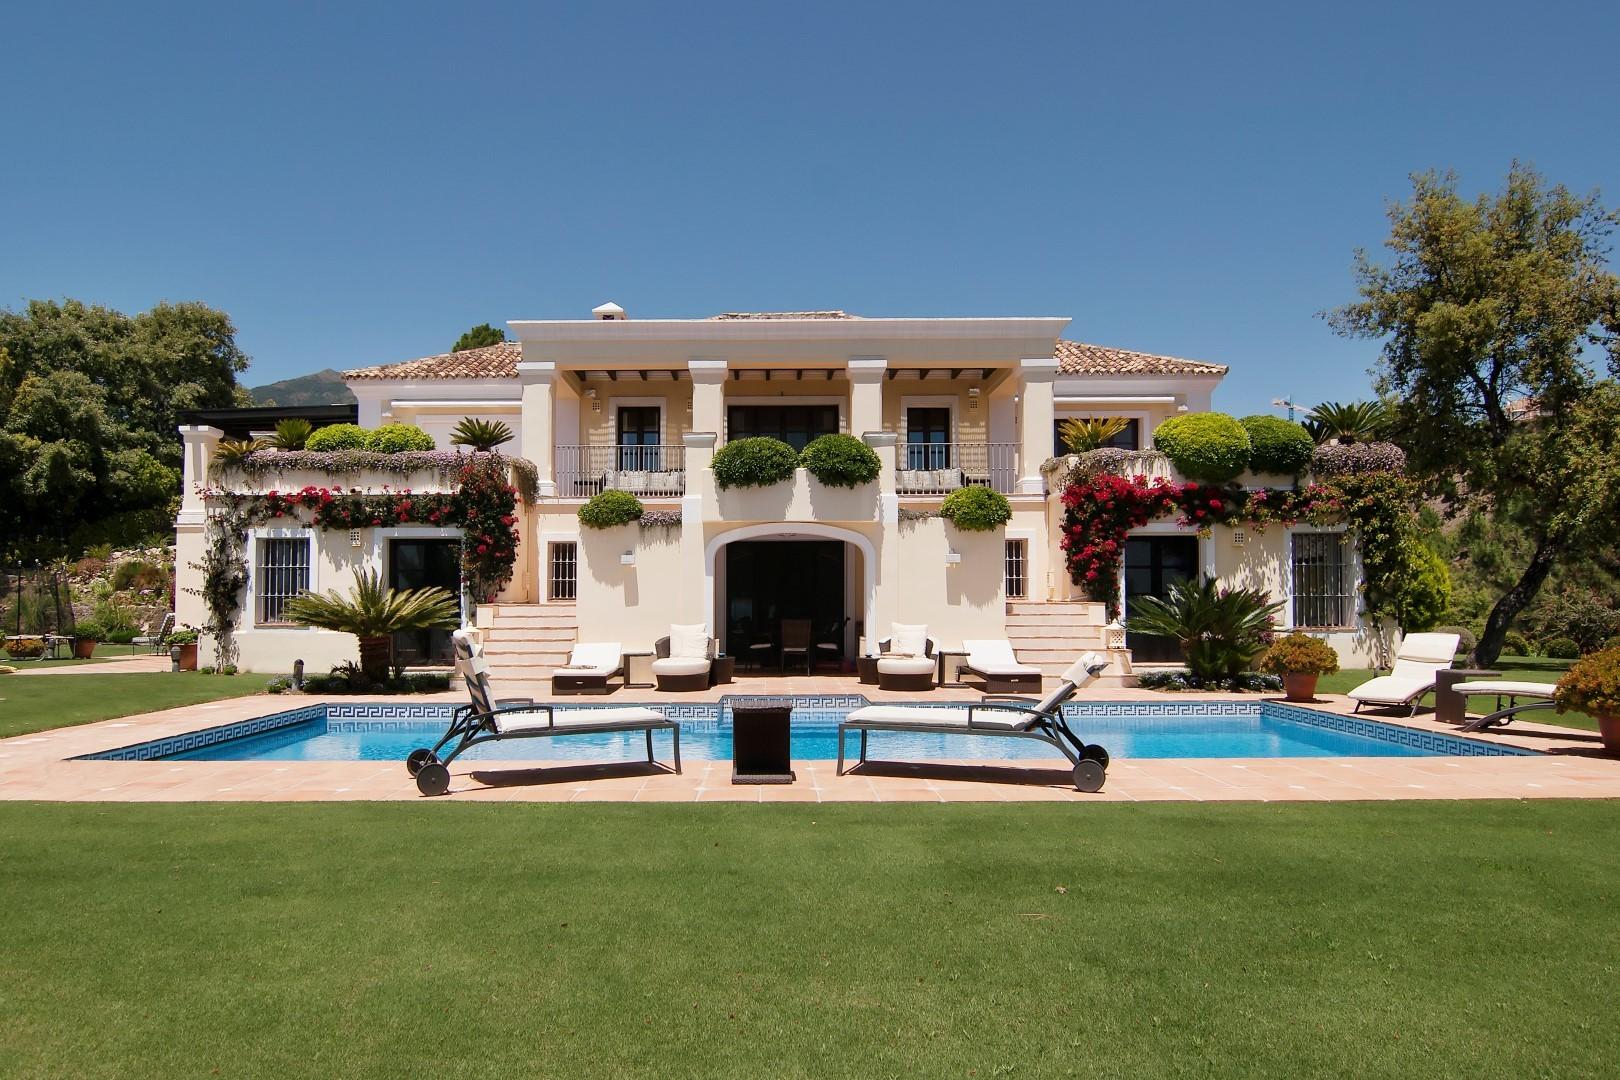 Villa con estilo, confort y pedigrí y en La Zagaleta